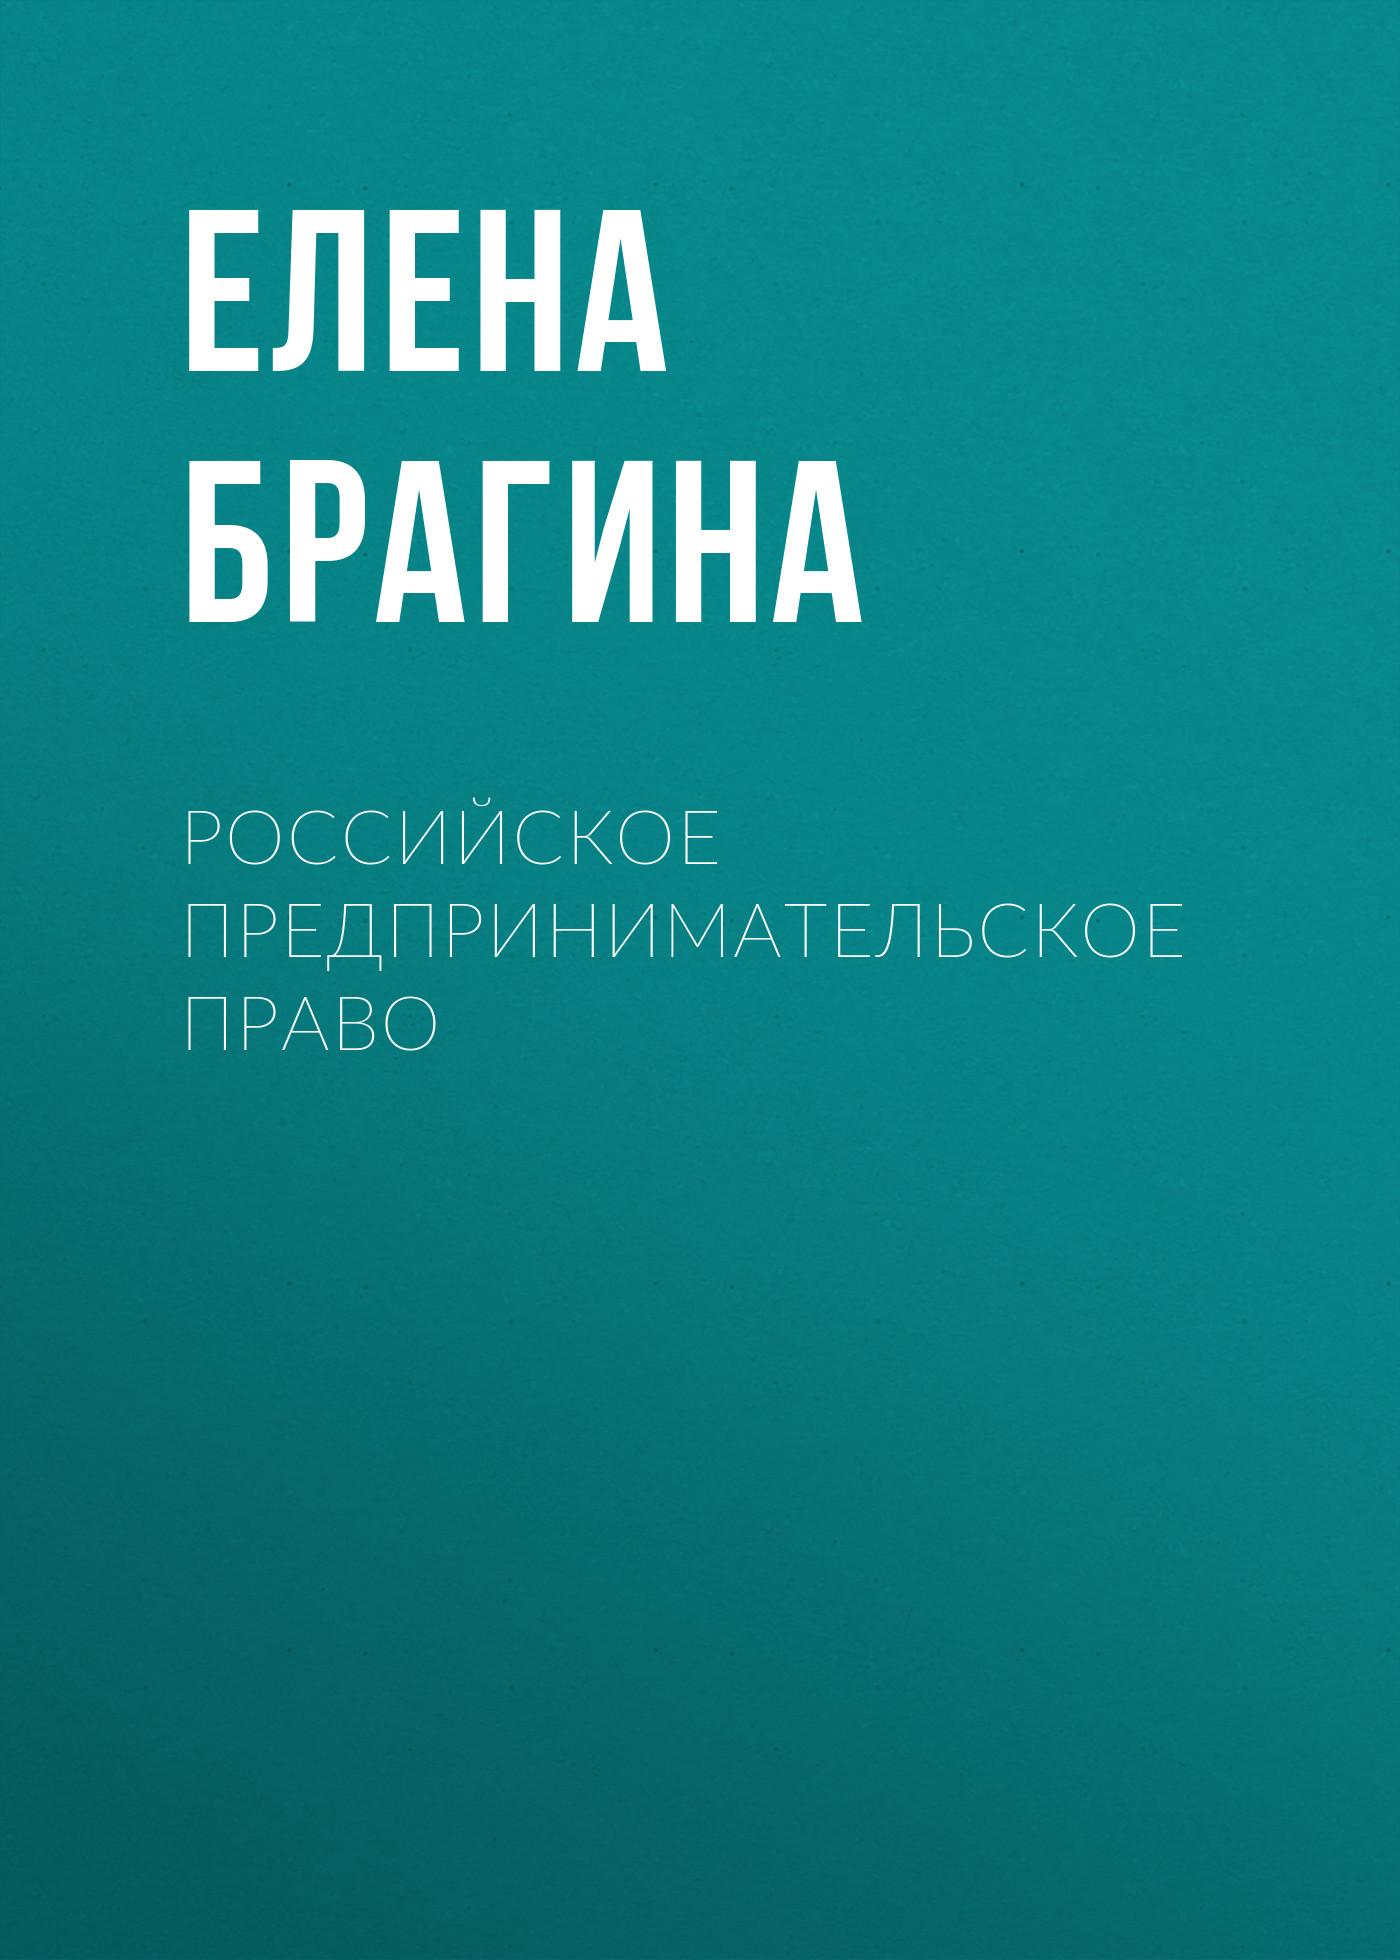 Елена Брагина Российское предпринимательское право недорого